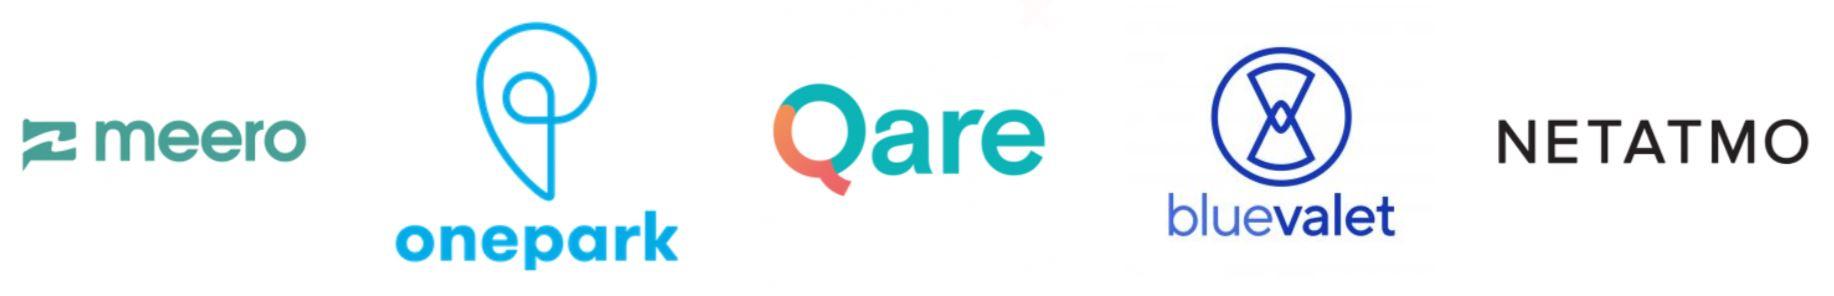 Meero, Onepark, Qare, Bluevalet et Netatmo ont choisi l'ERP Sileron